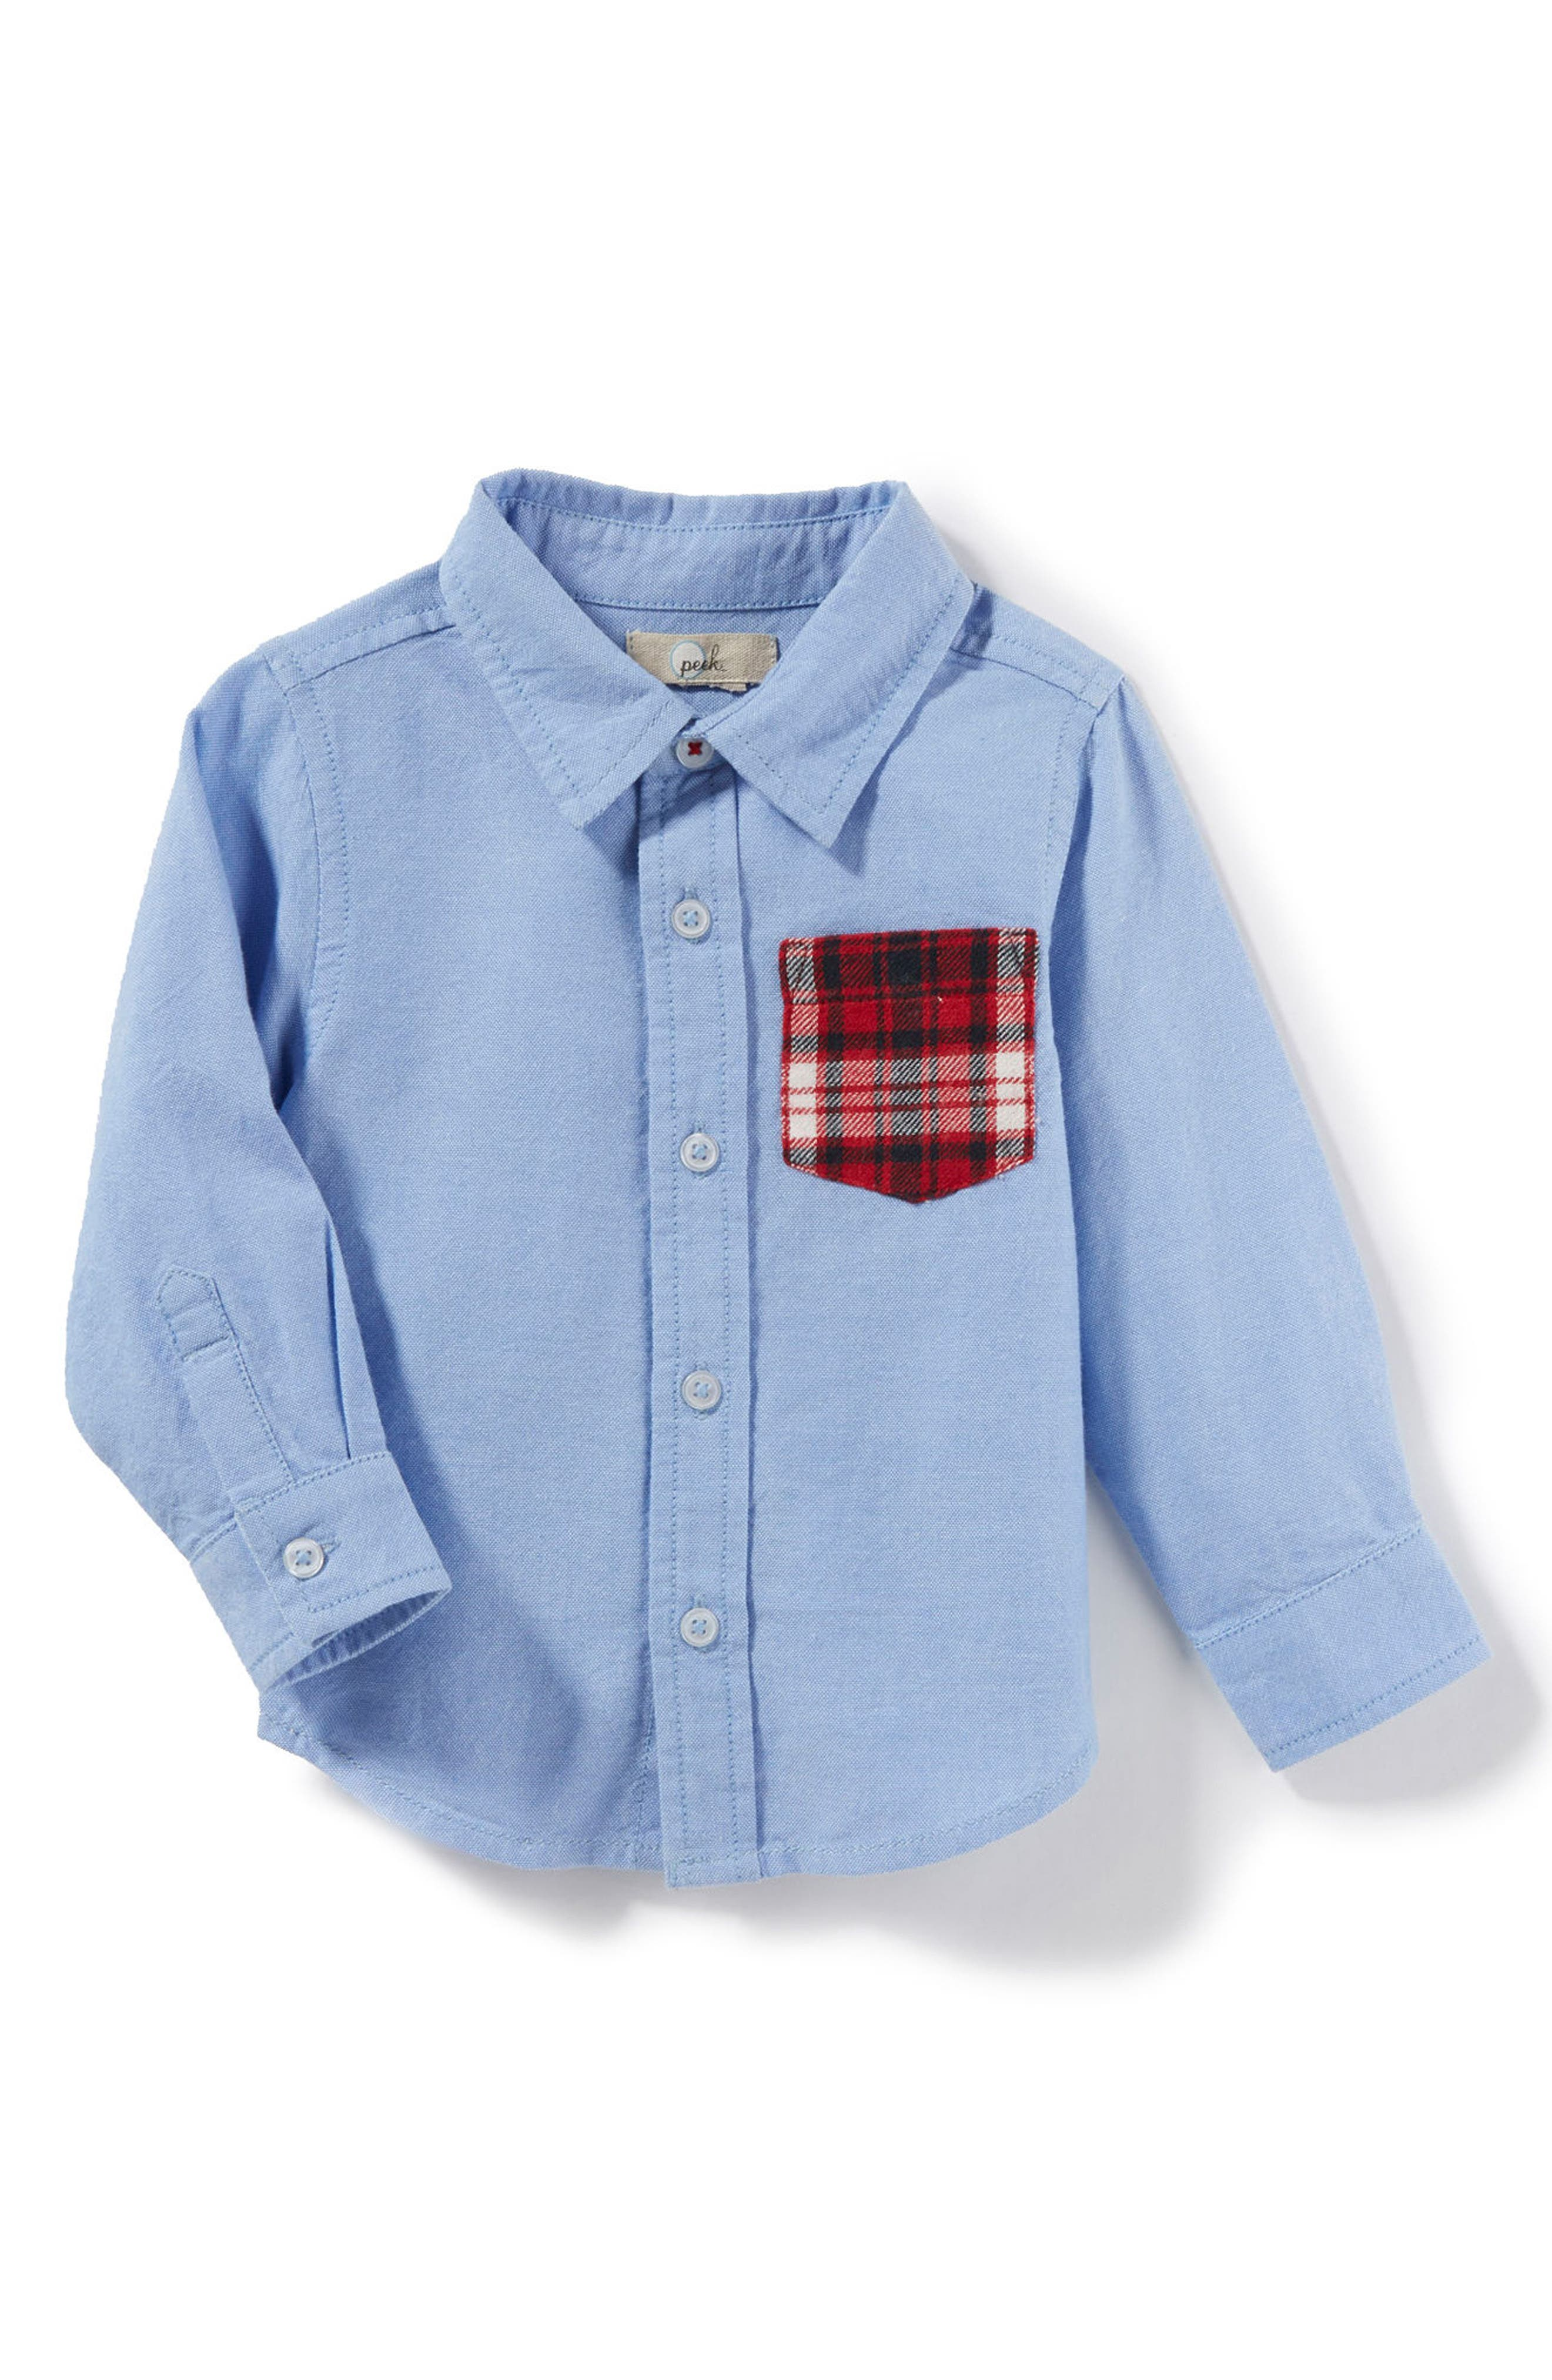 Johnny Oxford Shirt,                             Main thumbnail 1, color,                             400